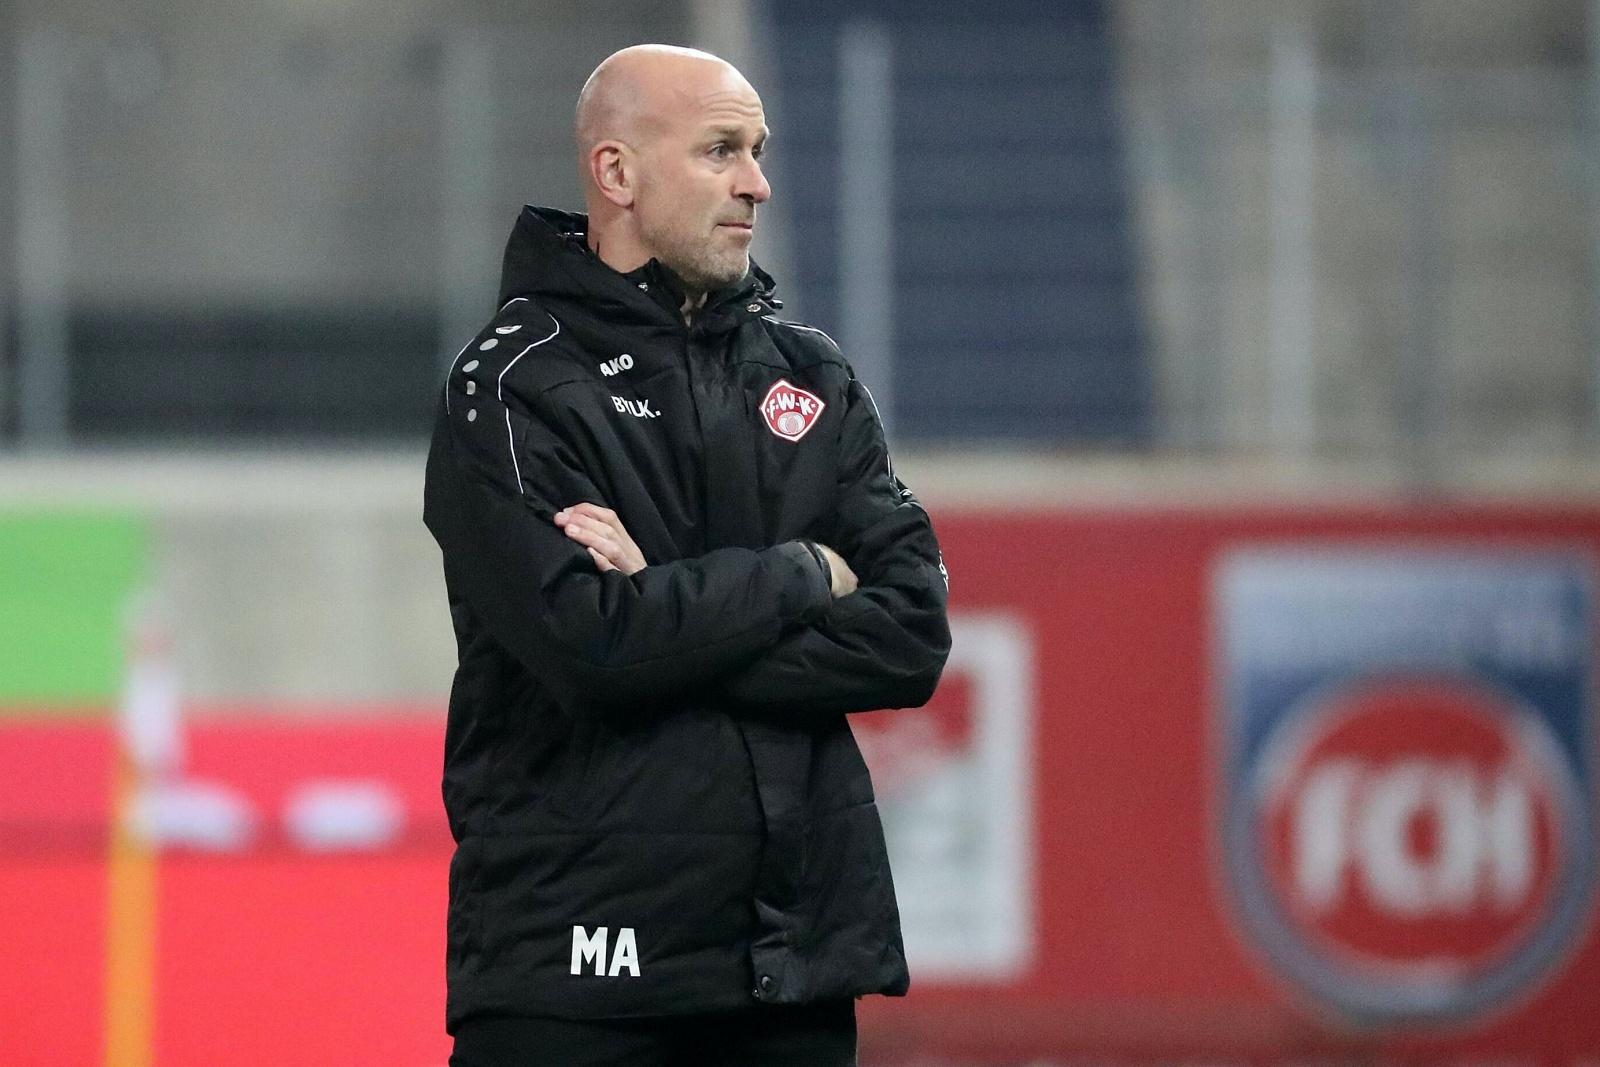 Marco Antwerpen bei den Würzburger Kickers